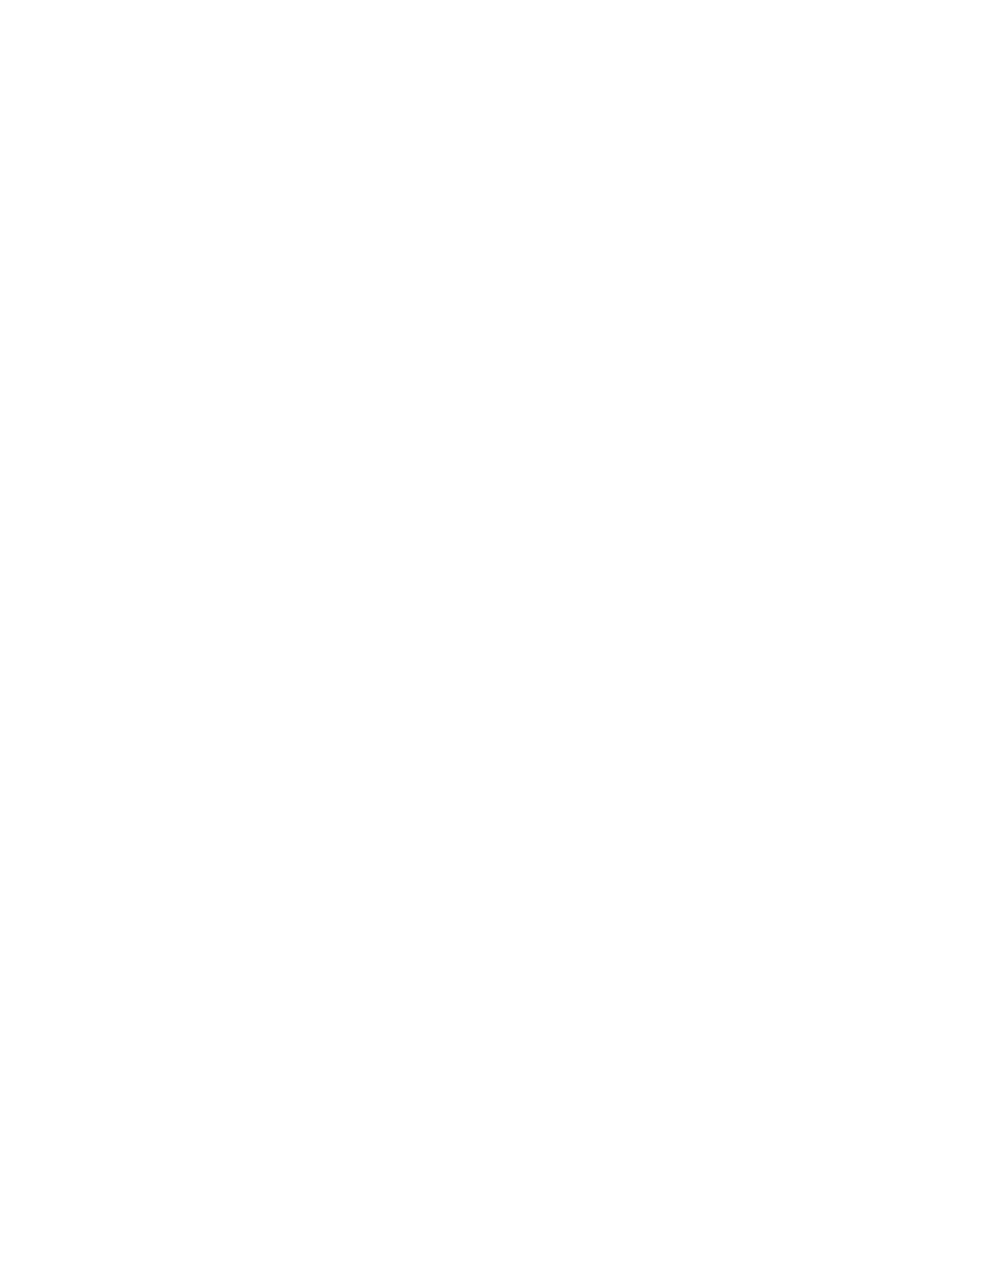 Auto Świat,Auto,Świat,Top Gear,Top, Gear,motory,skutery,motocykle,Classic,Katalog,Auto,Świat,4x4, Sport,biznes,dziennik,hobby, sport, rozrywka, transmisje online,e-prasa,firma,forum,gazeta,wydanie